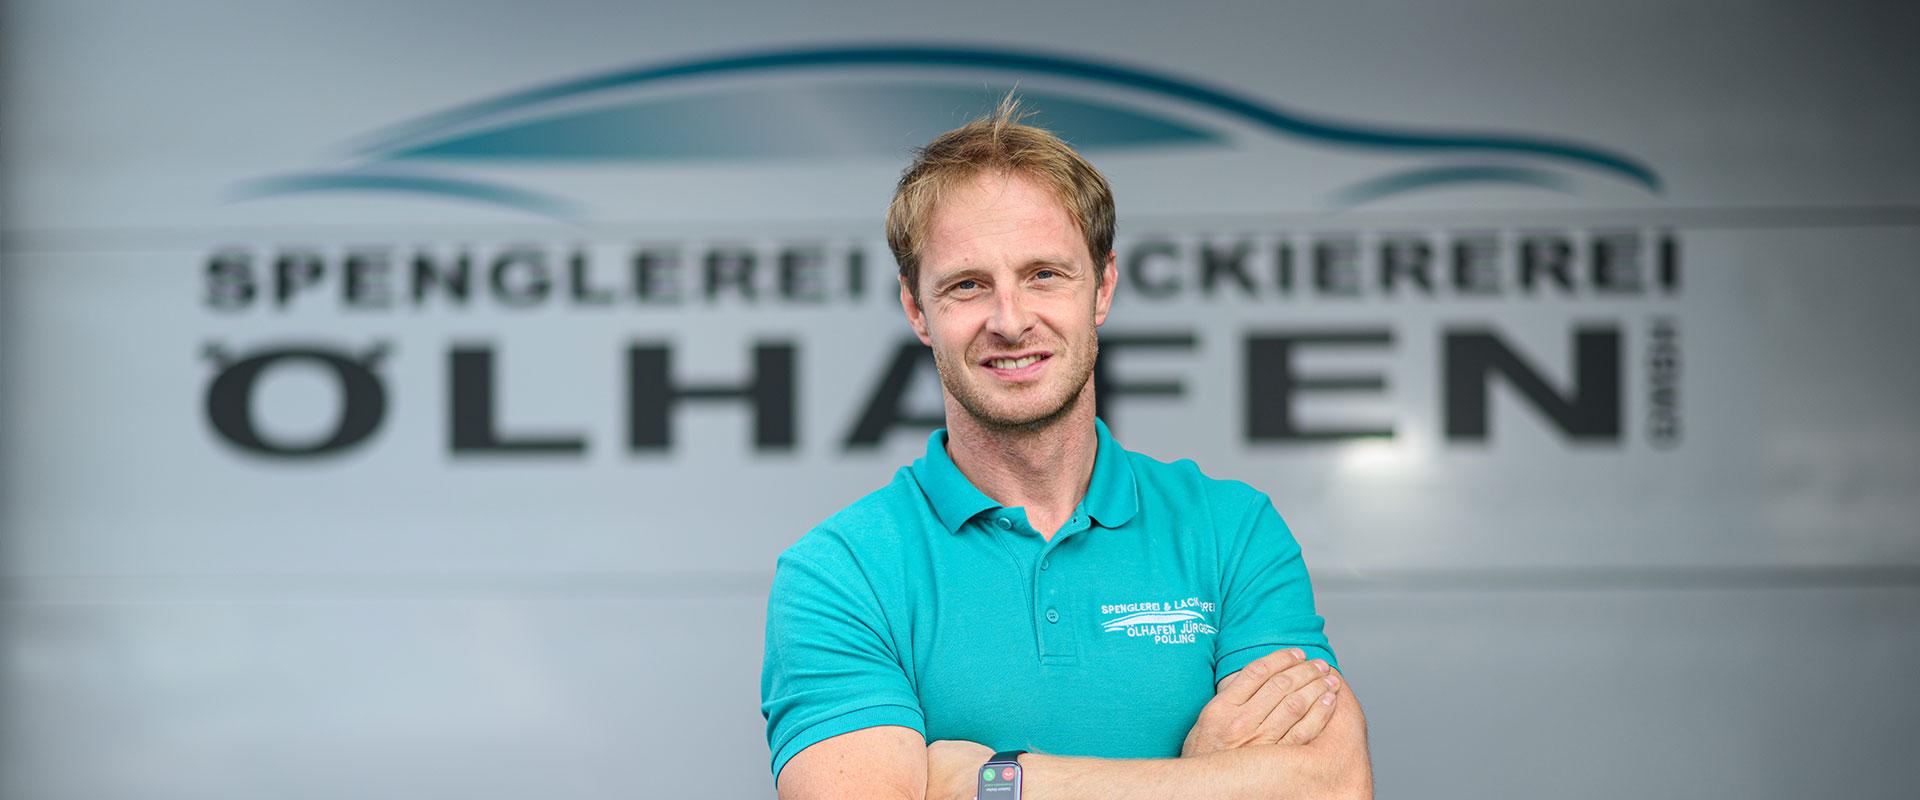 Jürgen Ölhafen - Karosseriebau- und Lackierermeister